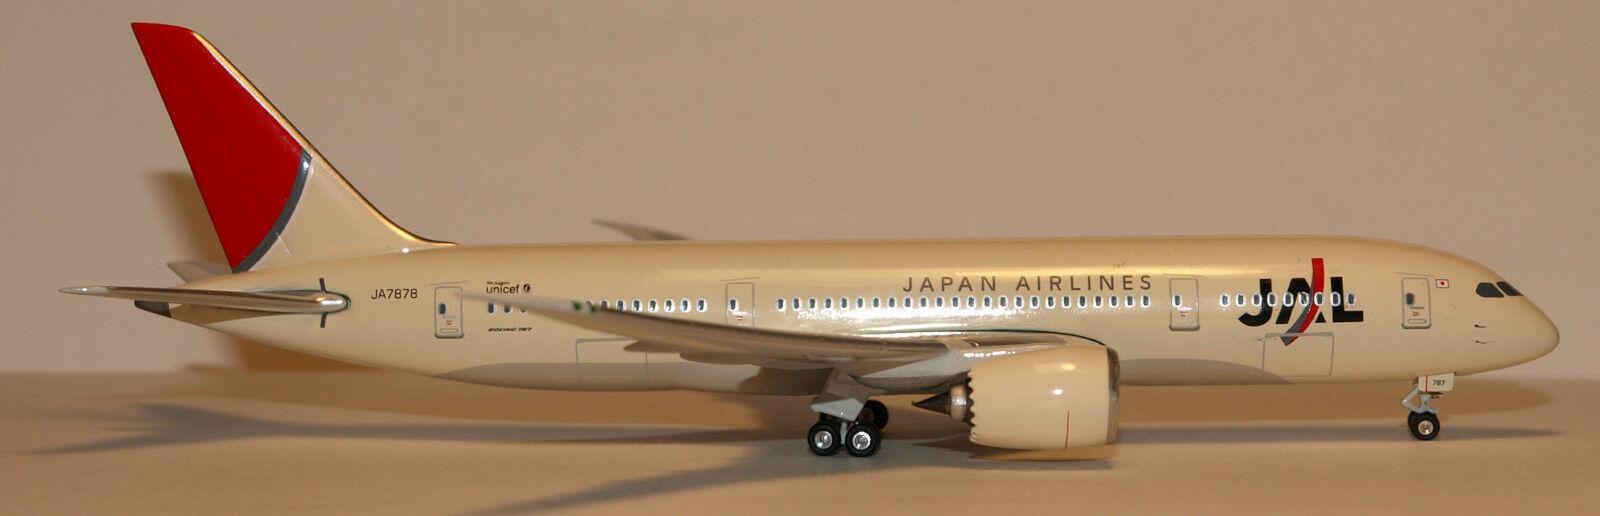 Phoenix 1:400 Japan JAL Boeing 787-8 original colors prod id 10140 rel  2006